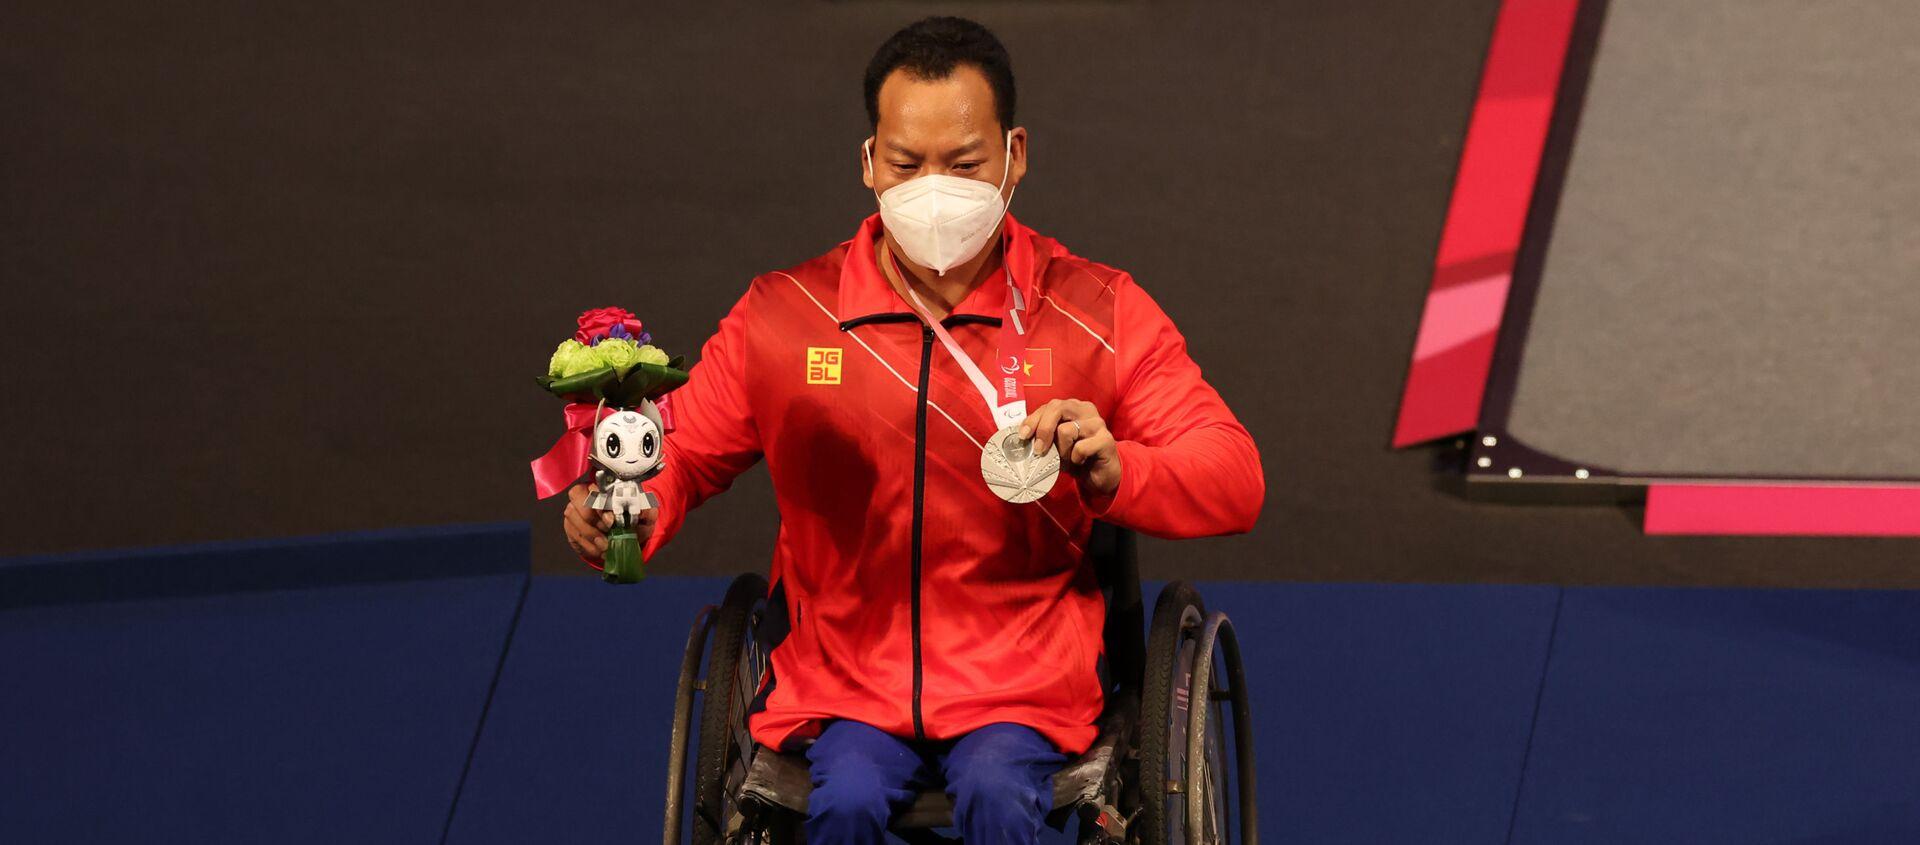 VĐV Lê Văn Công giành HCB ở Paralympic Tokyo. - Sputnik Việt Nam, 1920, 26.08.2021